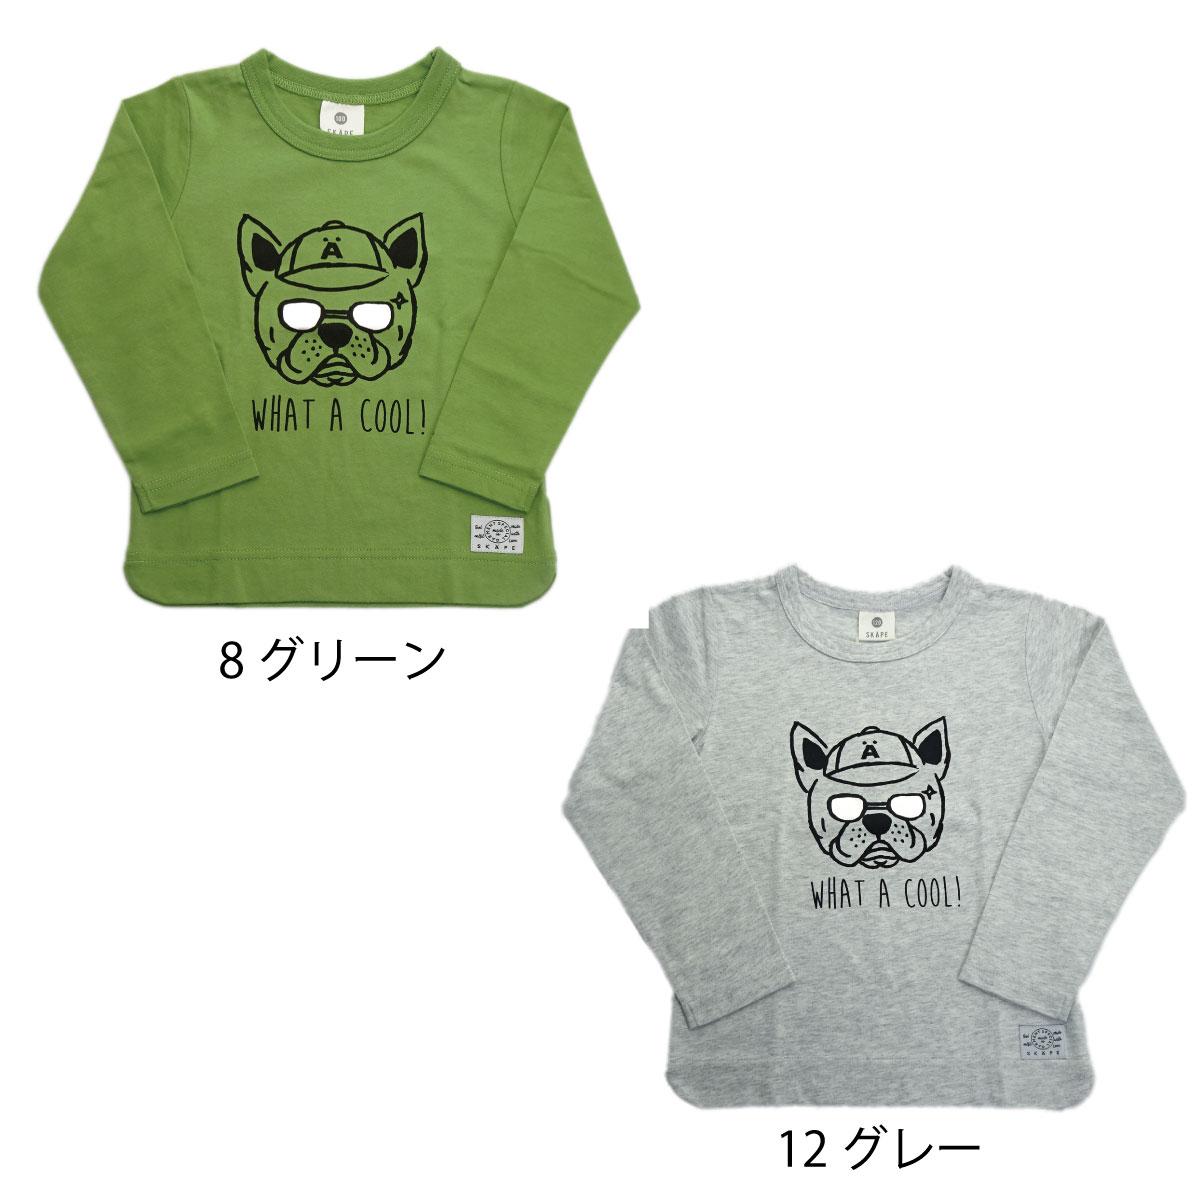 【ネコポス対応】【SiShuNon/SKAPE】グラサン犬Tシャツ Tシャツ キッズ 犬 サングラス ロゴ